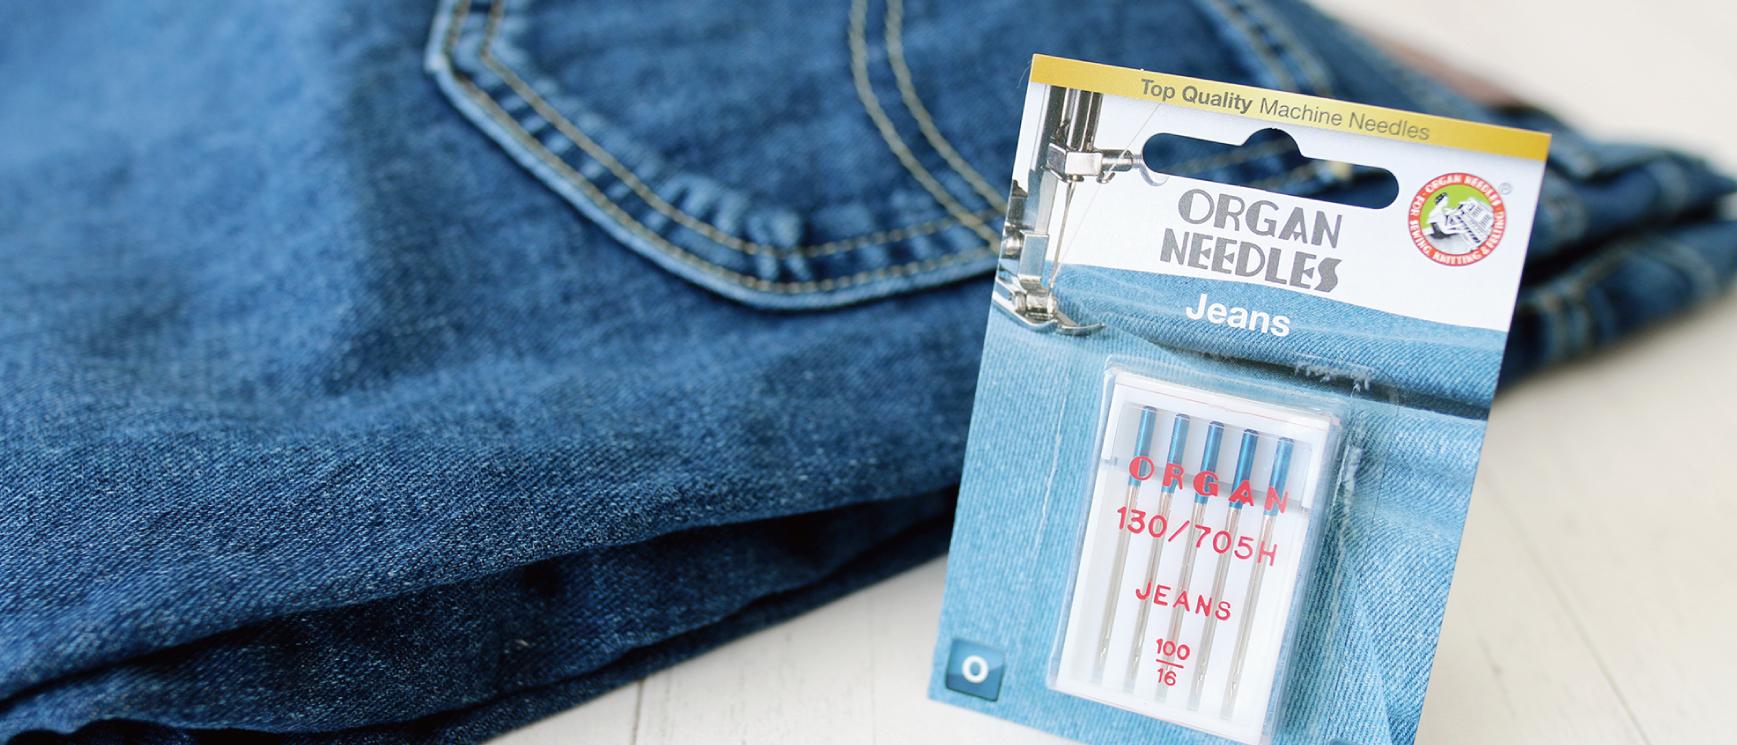 オルガン針株式会社が運営するミシンユーザーのための情報発信型通販サイトArt Stitch Room Powered by ORGAN NEEDLE CO.,LTD.(アートステッチルーム)|デニムや帆布など厚手の素材に!-Jeans(ジーンズ)-